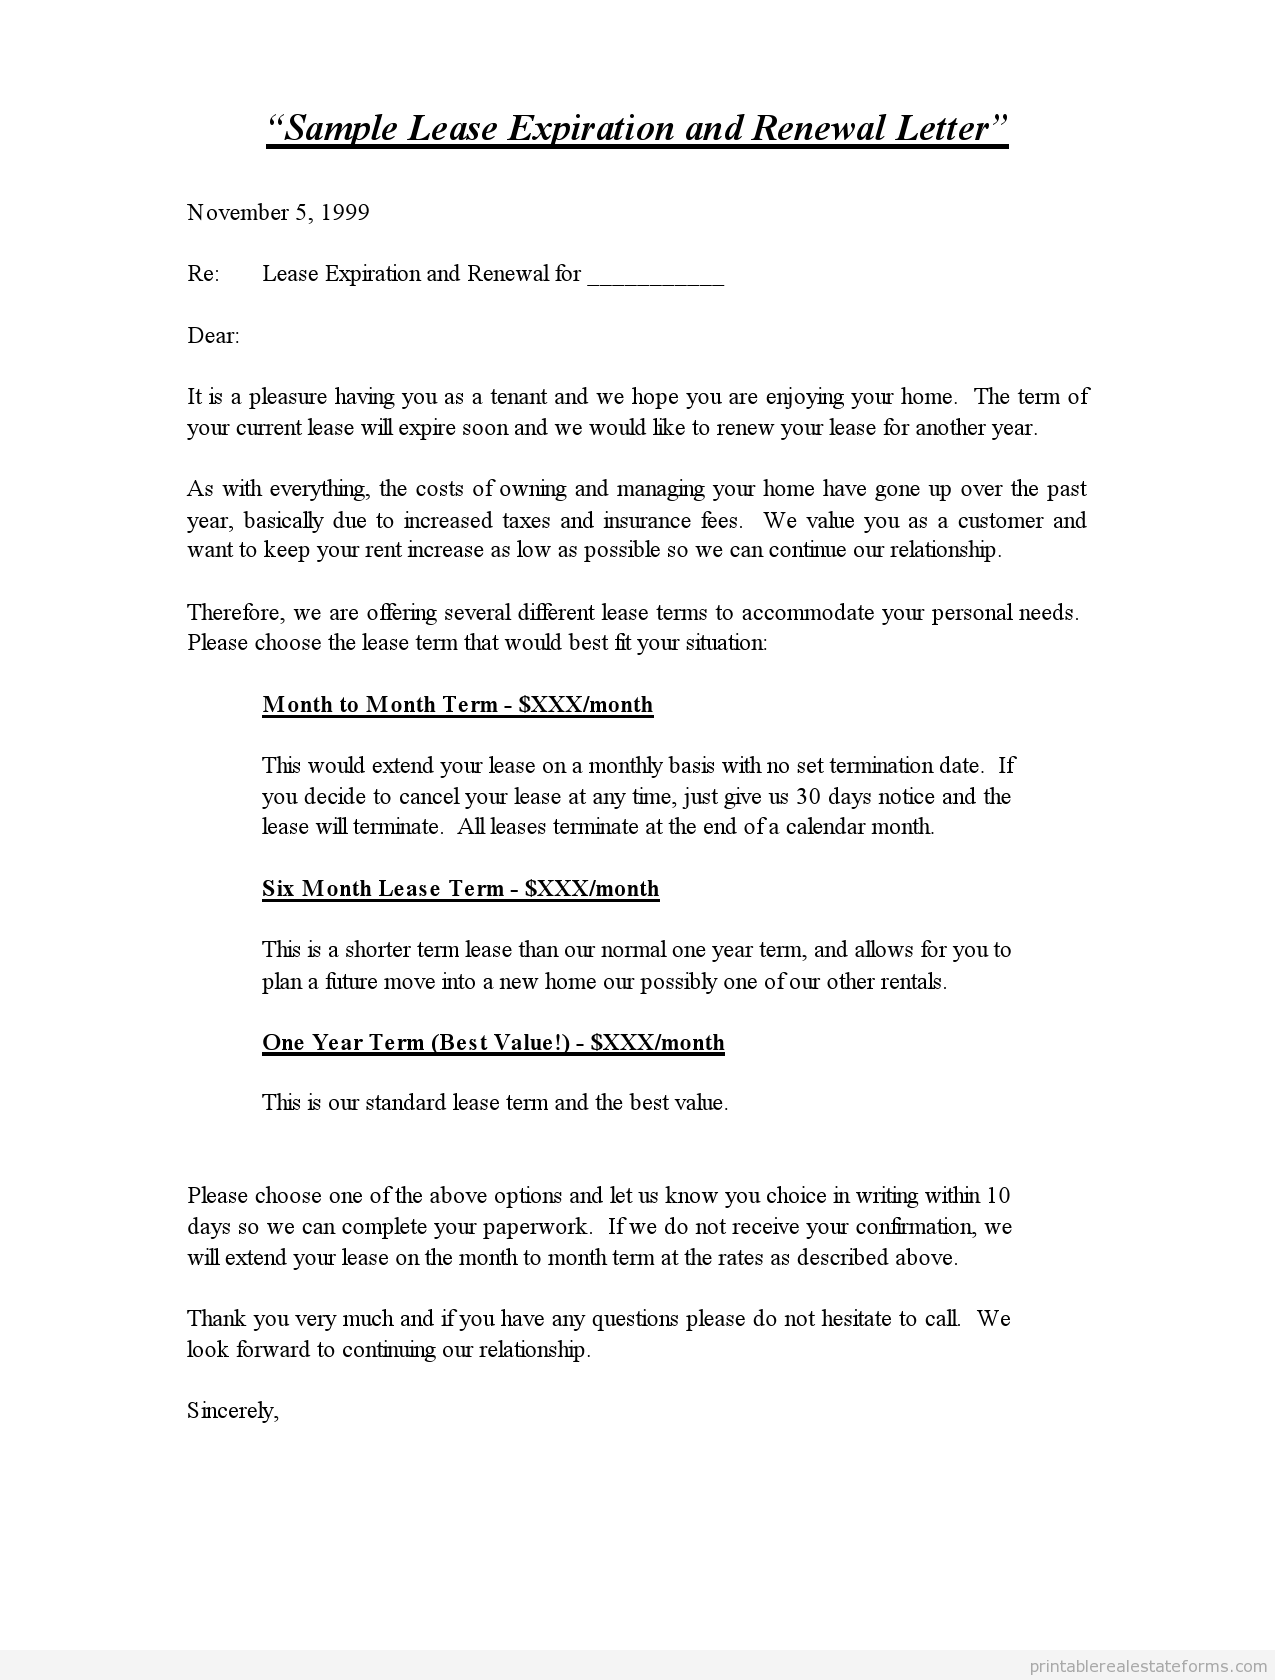 sample lease renewal letter